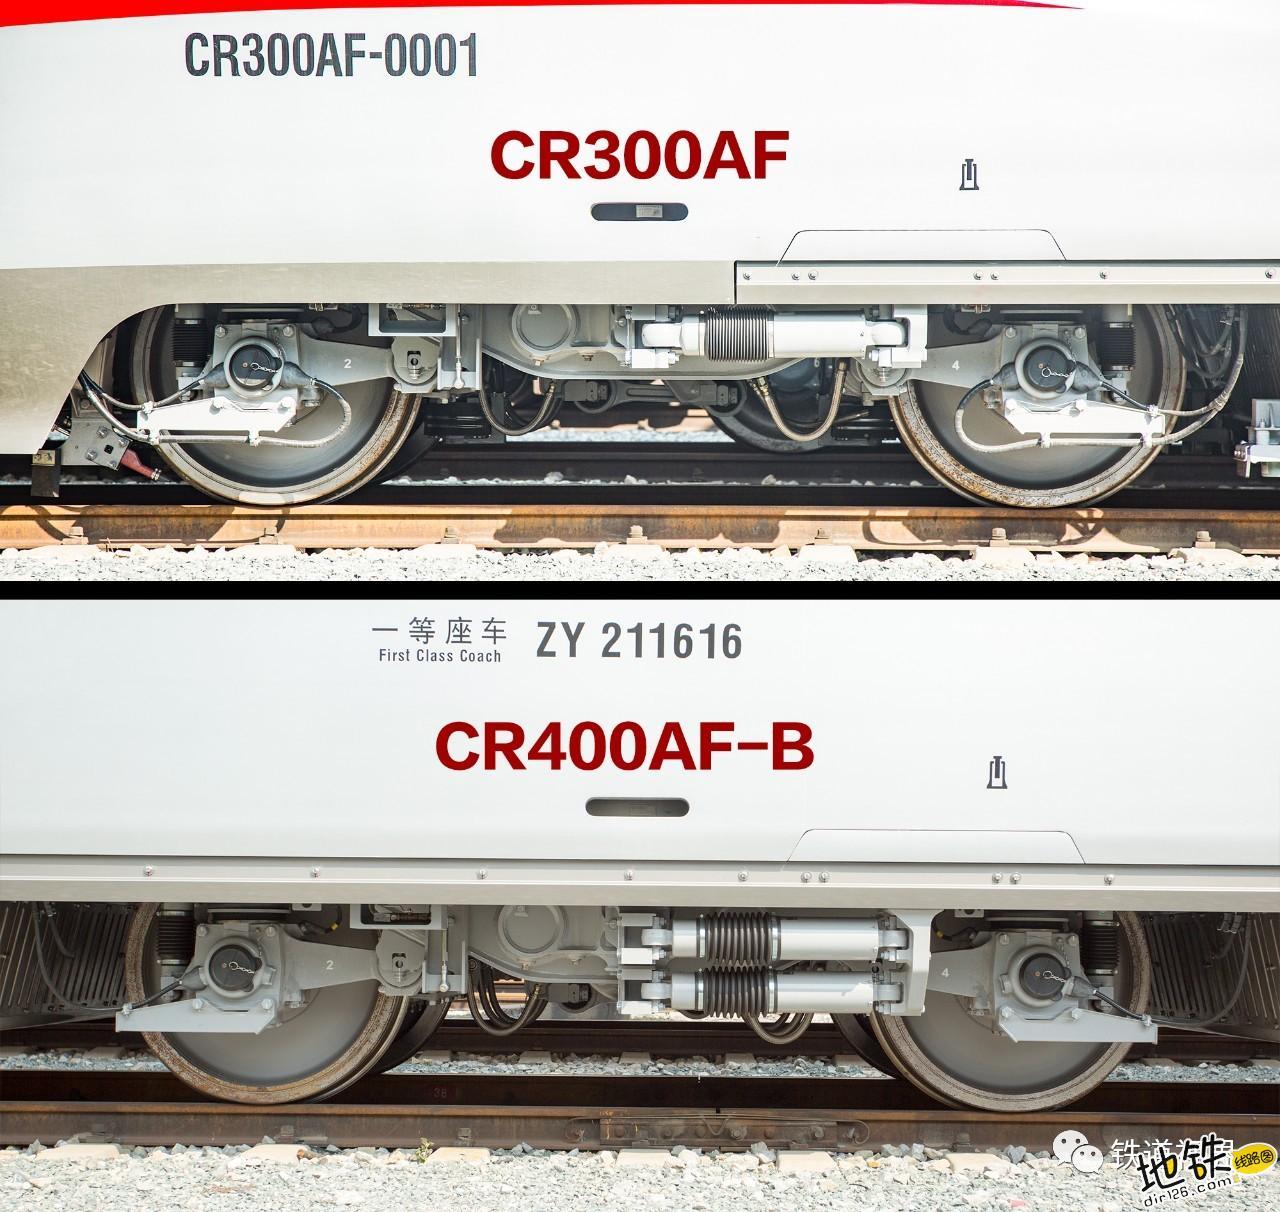 新车速递 CR300AF帅酷高清大图 转向架 动车组 中车 复兴号 CR300AF 轨道动态  第13张